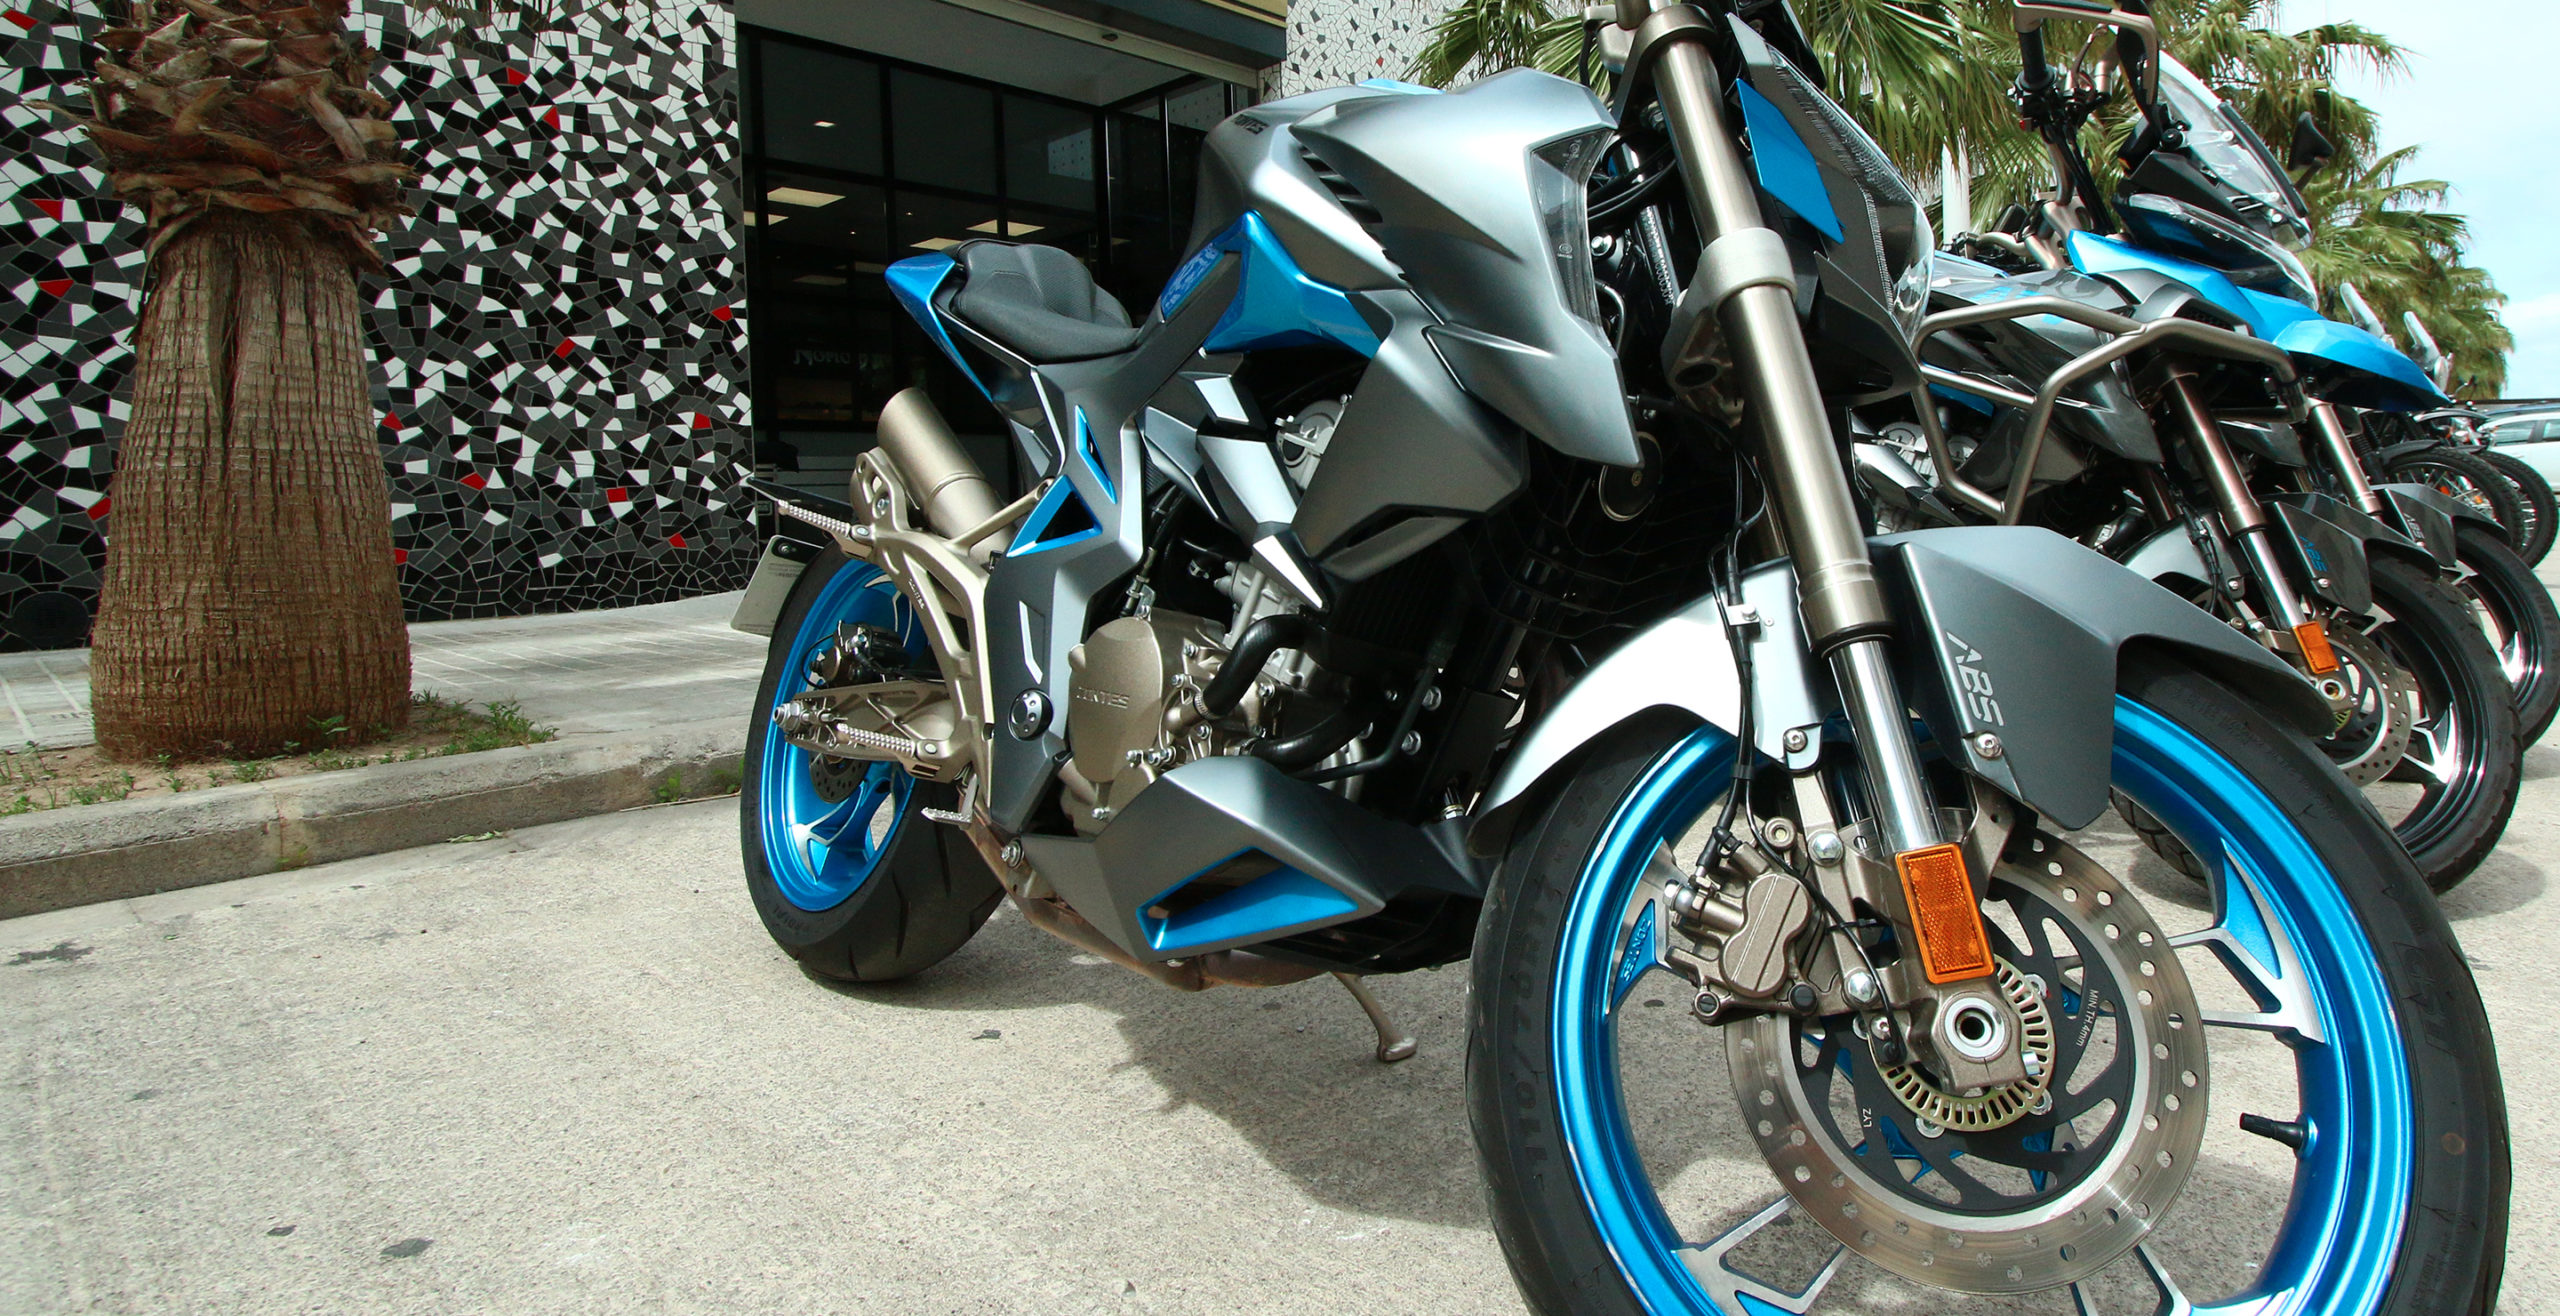 Distintos modelos de moto Zontes delante del concesionario Patacona Motos